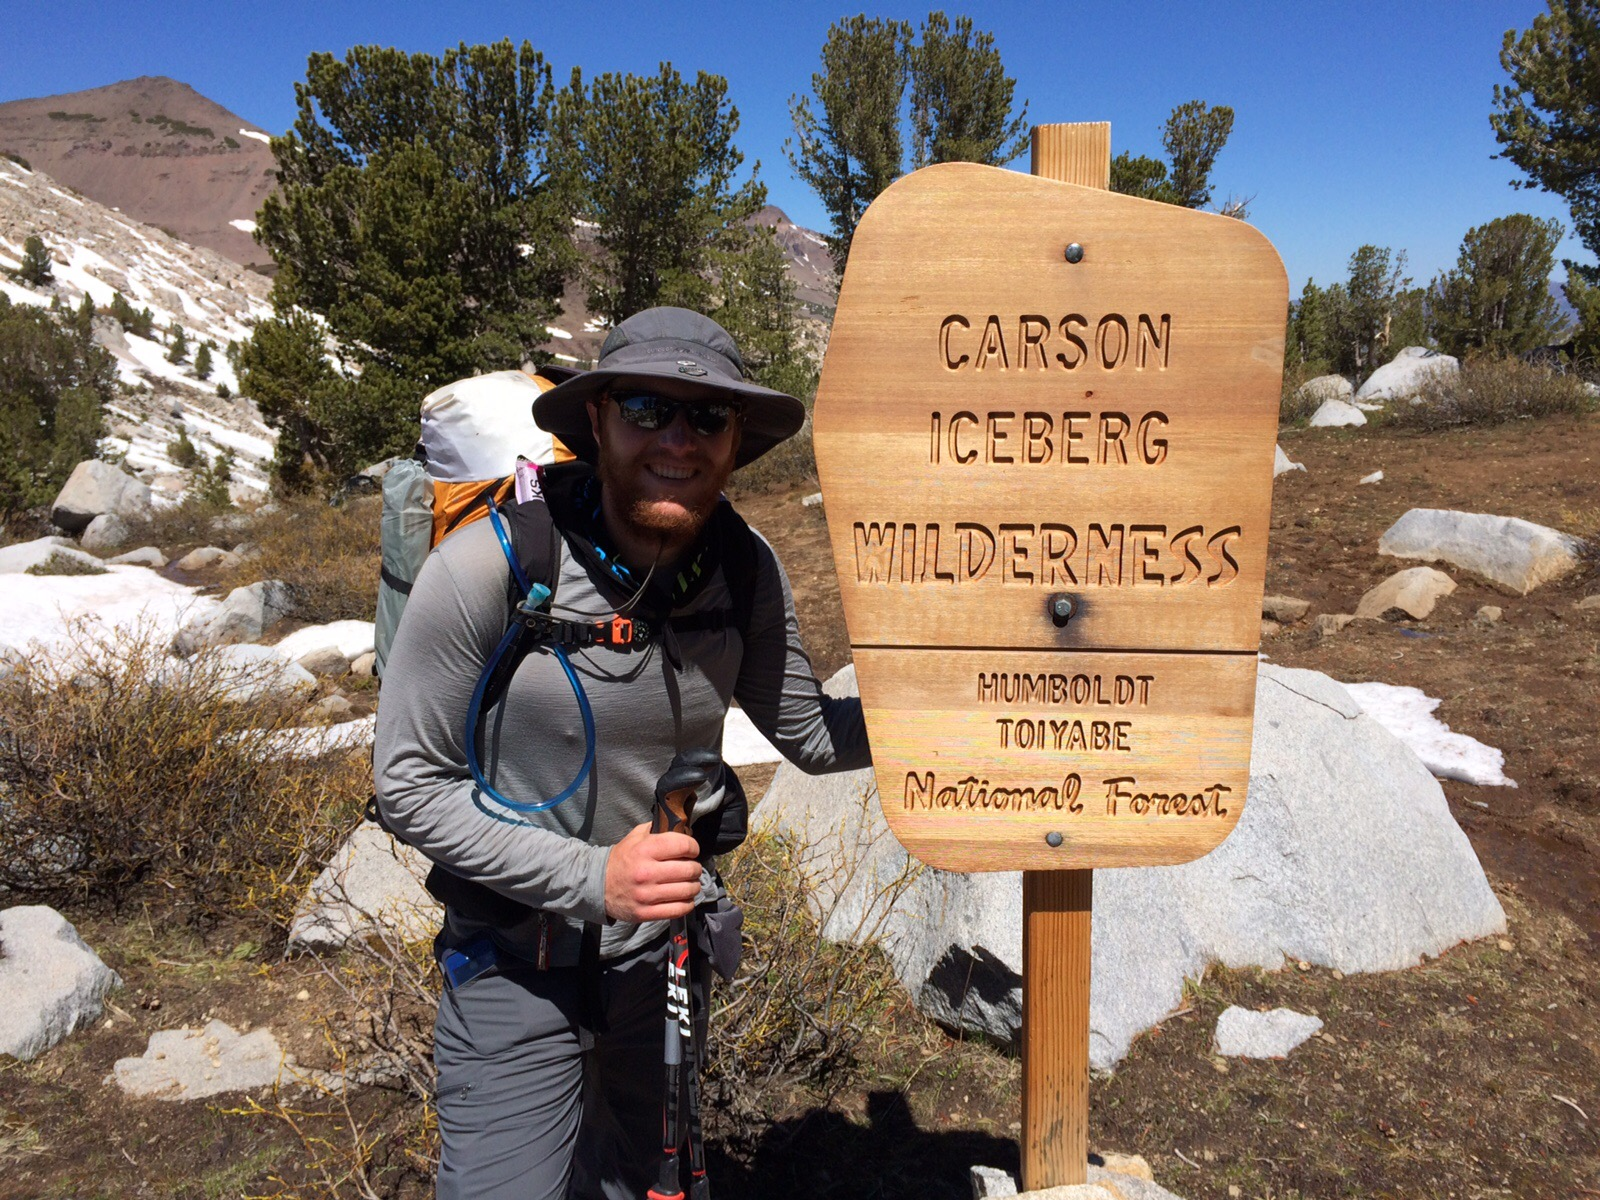 Entering Carson-Iceberg